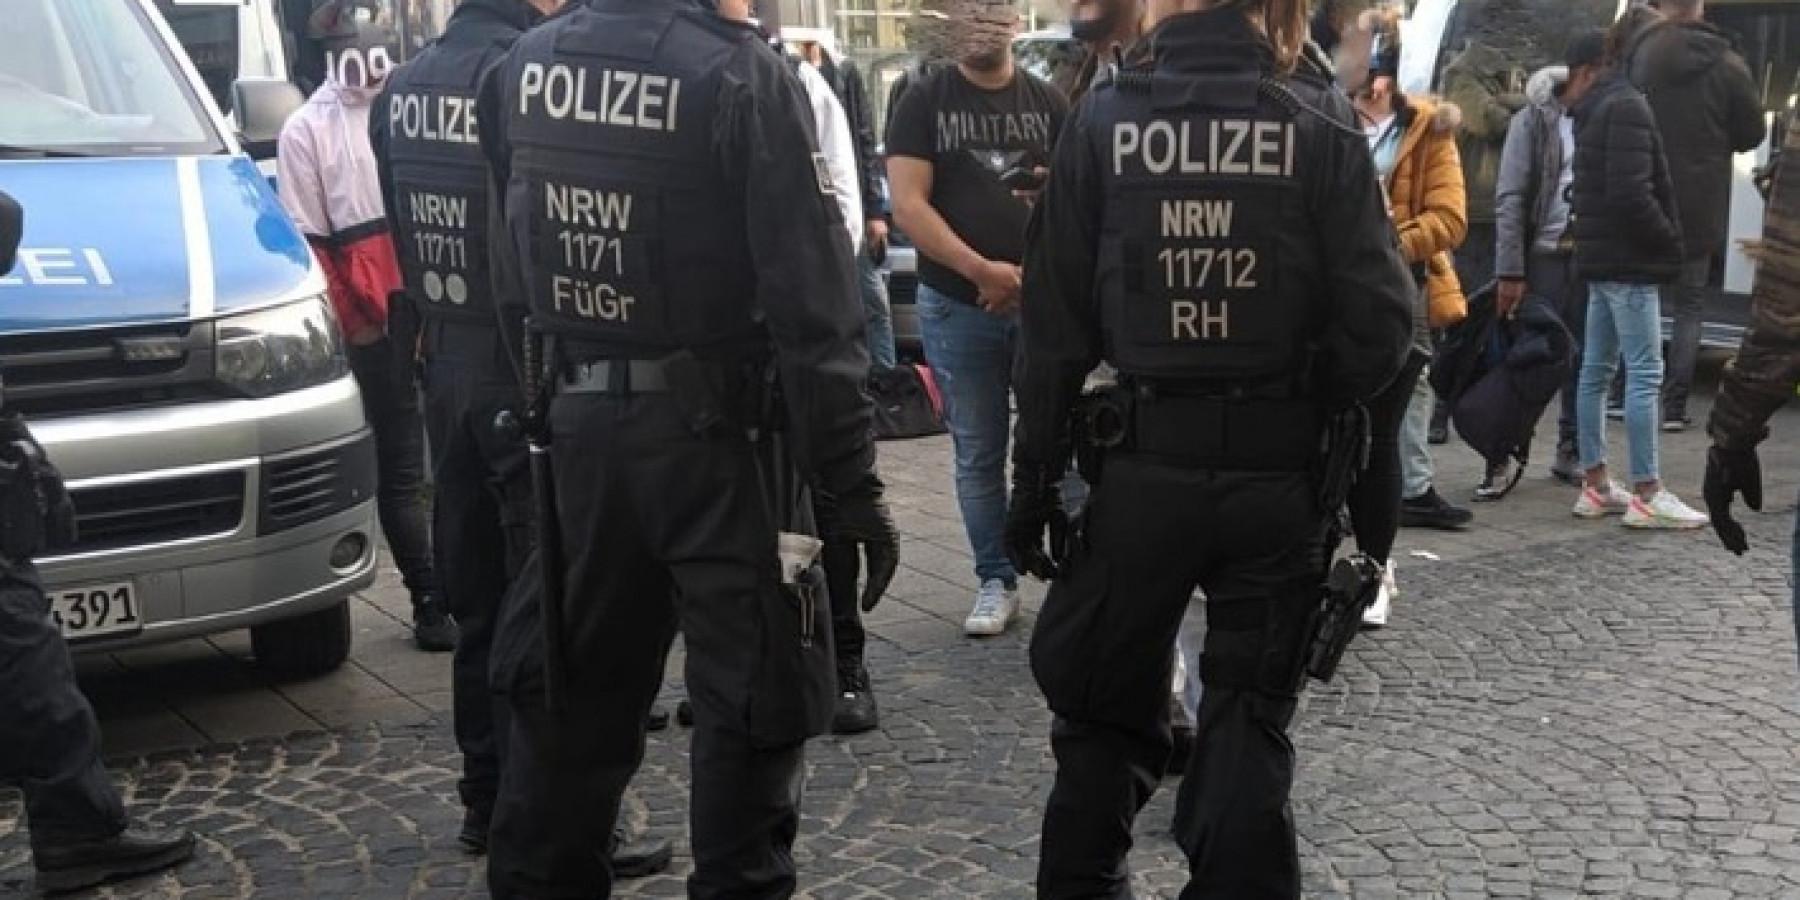 Razzia in Münster- Polizei kontrolliert  im Bahnhofsumfeld